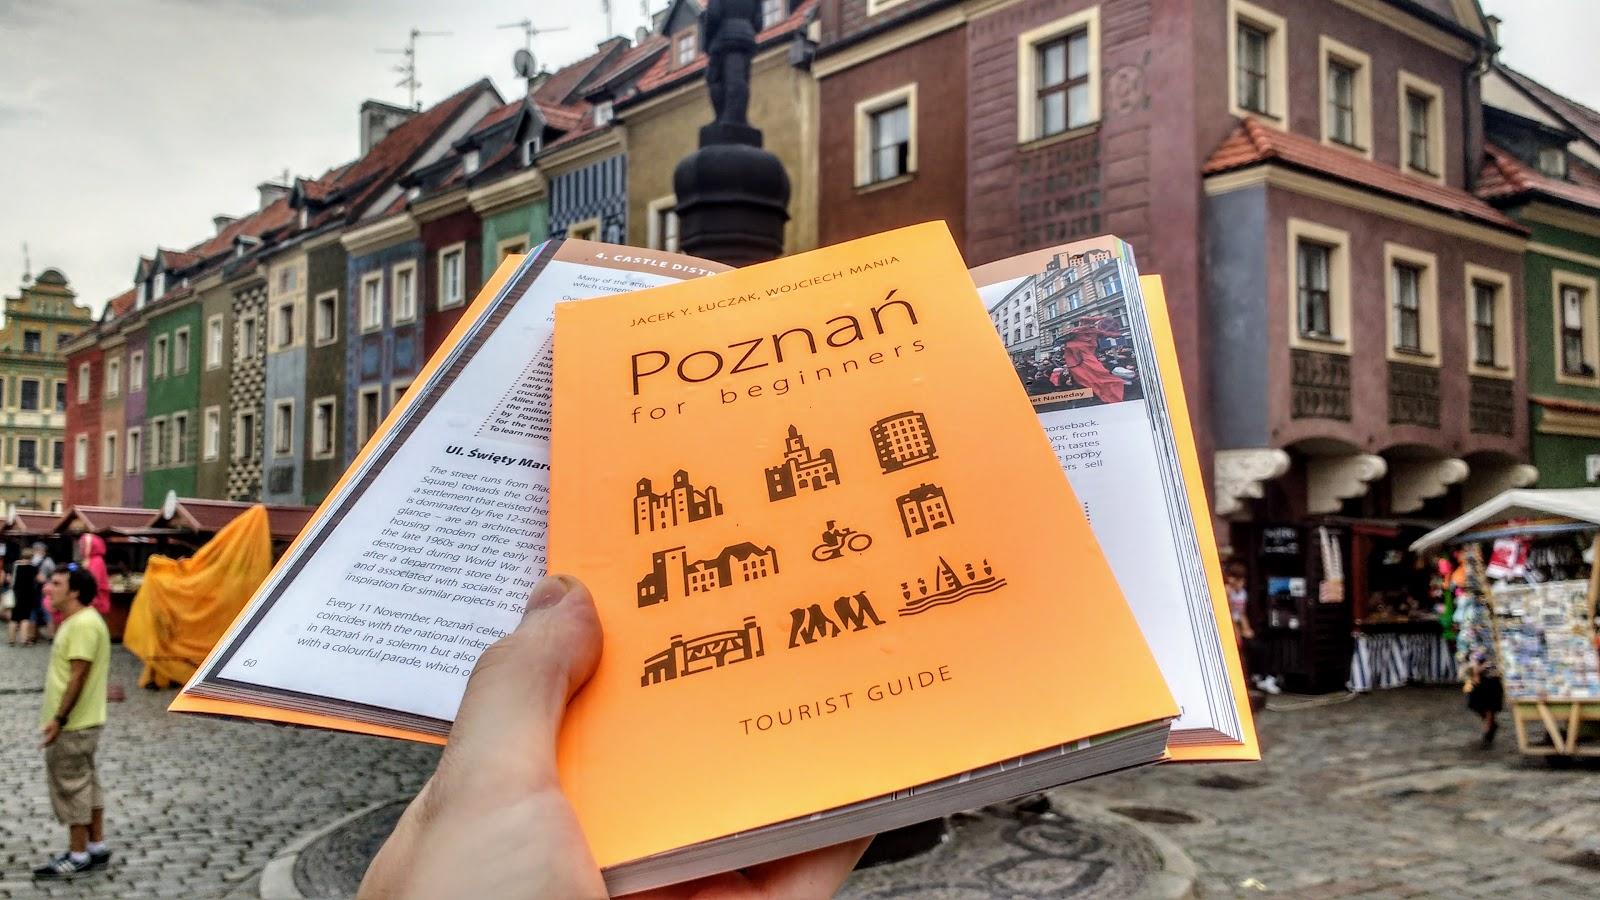 Jacek Y. Łuczak, Wojciech Mania: Poznań for beginners